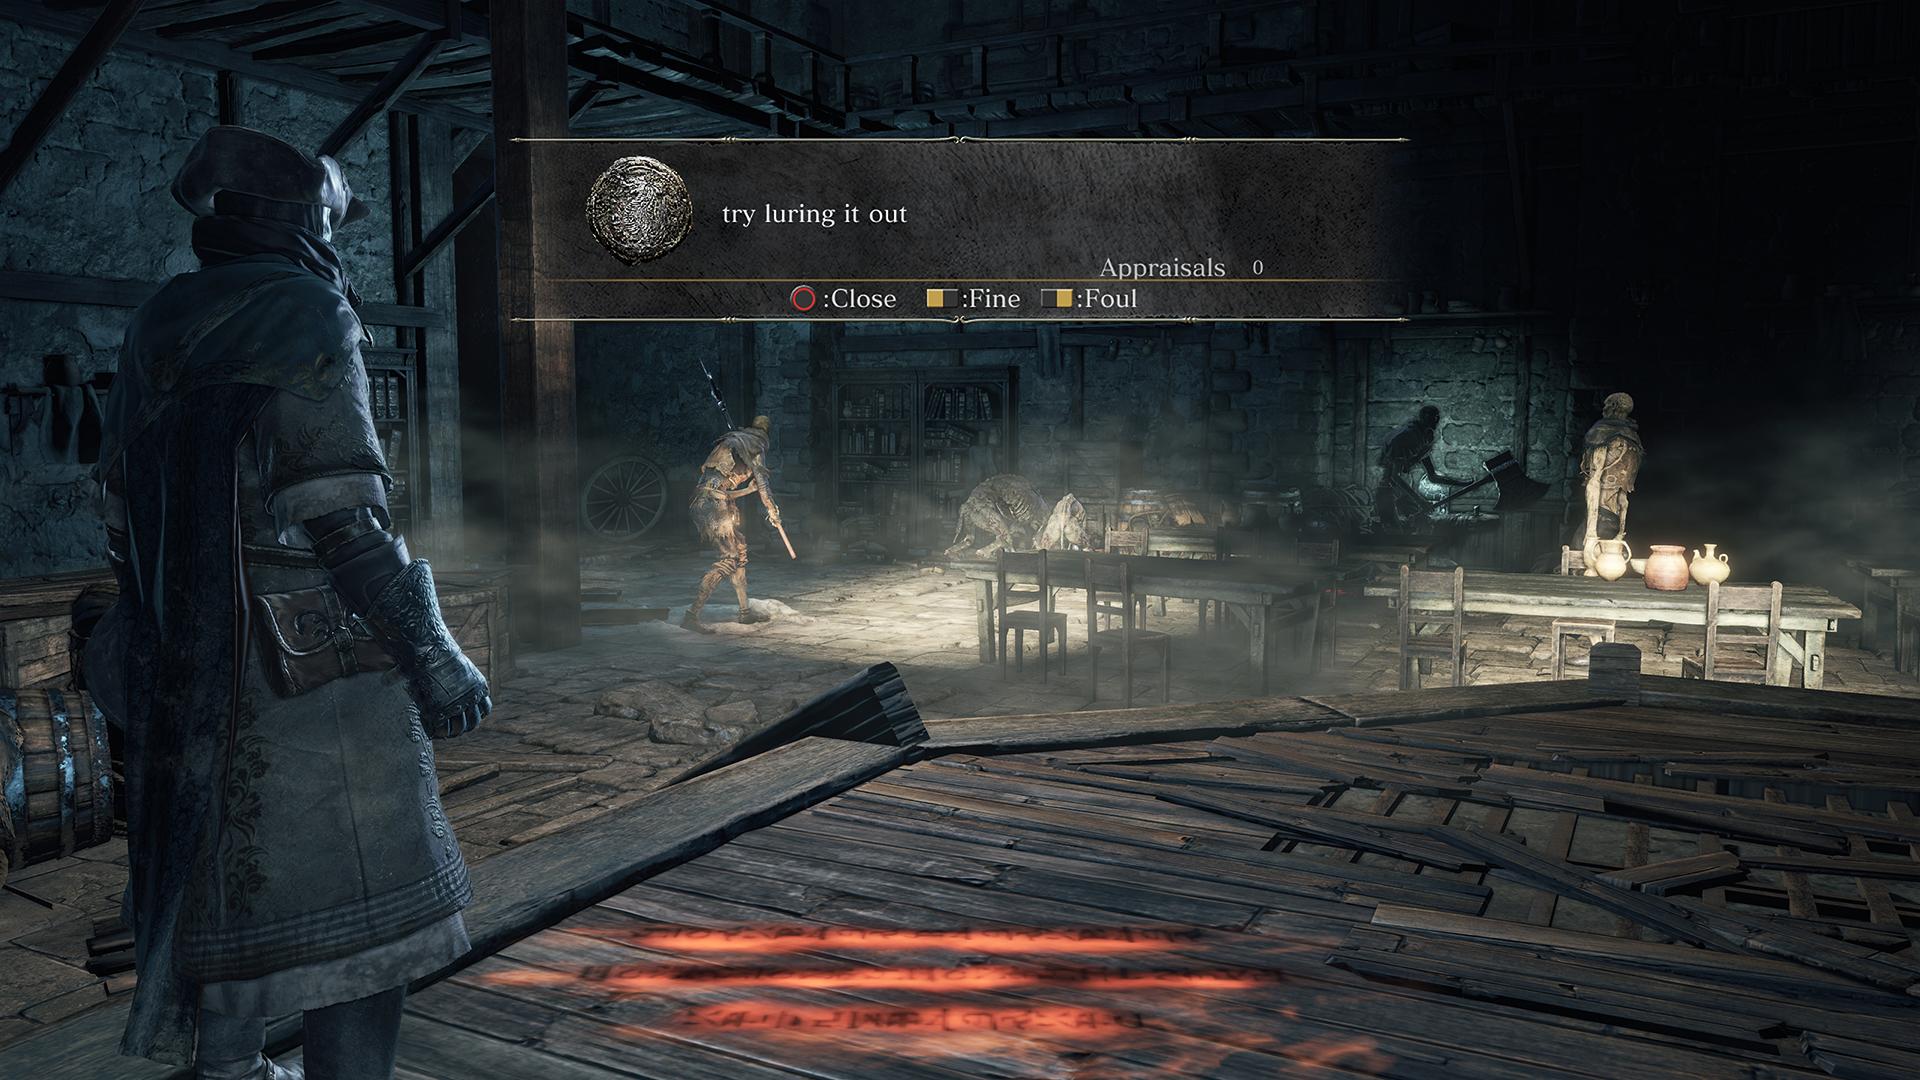 Nové obrázky a artworky z Dark Souls 3 114969